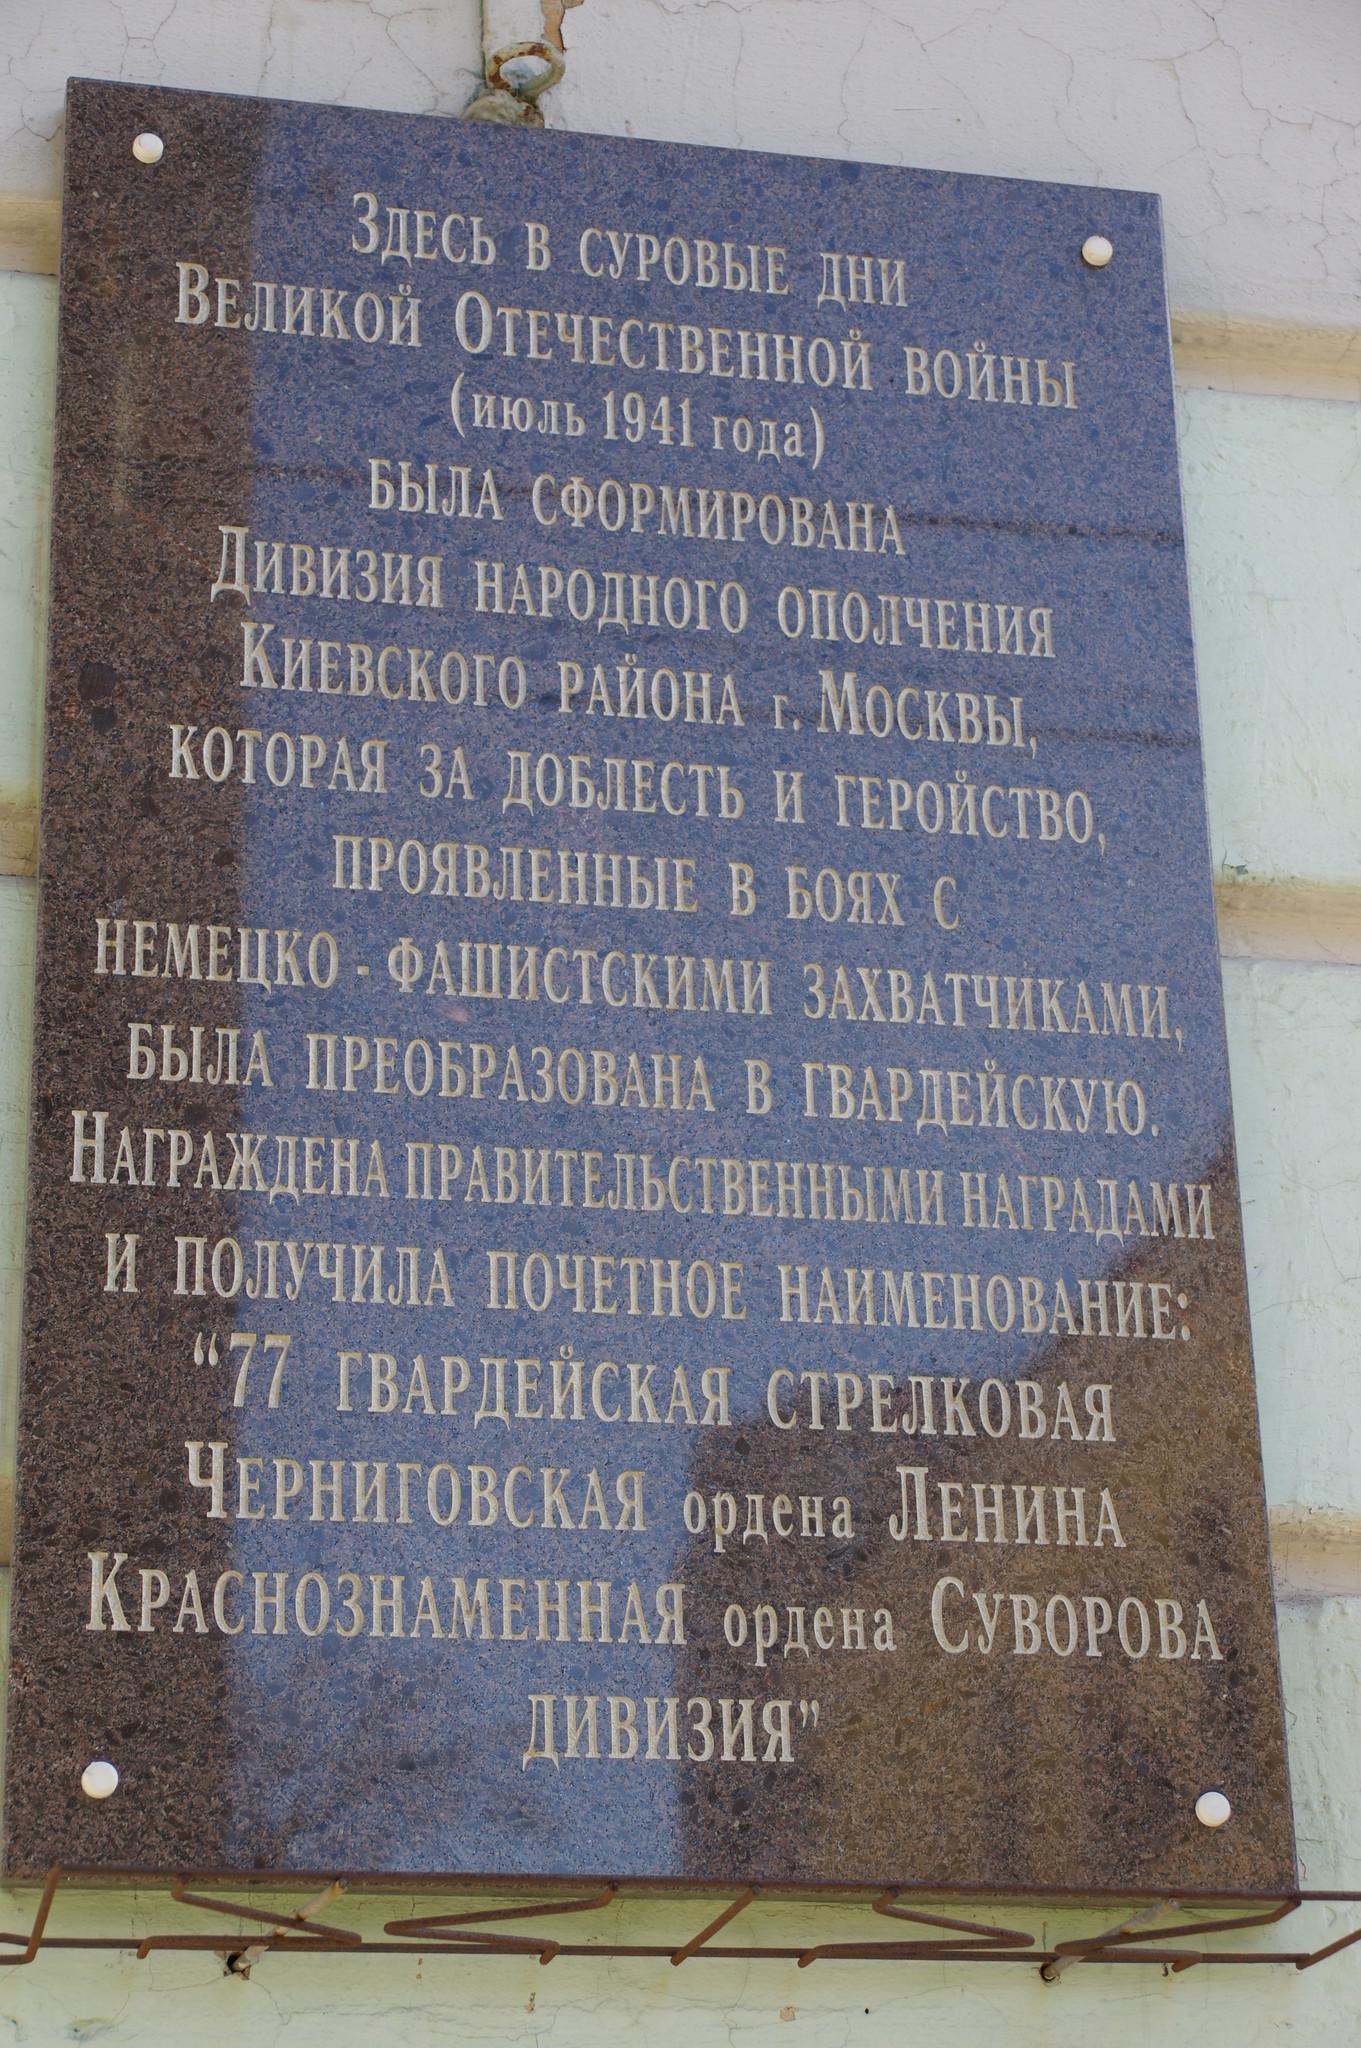 Памятная доска на фасаде здания № 4 гимназии № 1529 им. А.С. Грибоедова (ранее — школа № 59 им. Н.В. Гоголя). Староконюшенный переулок, дом 18